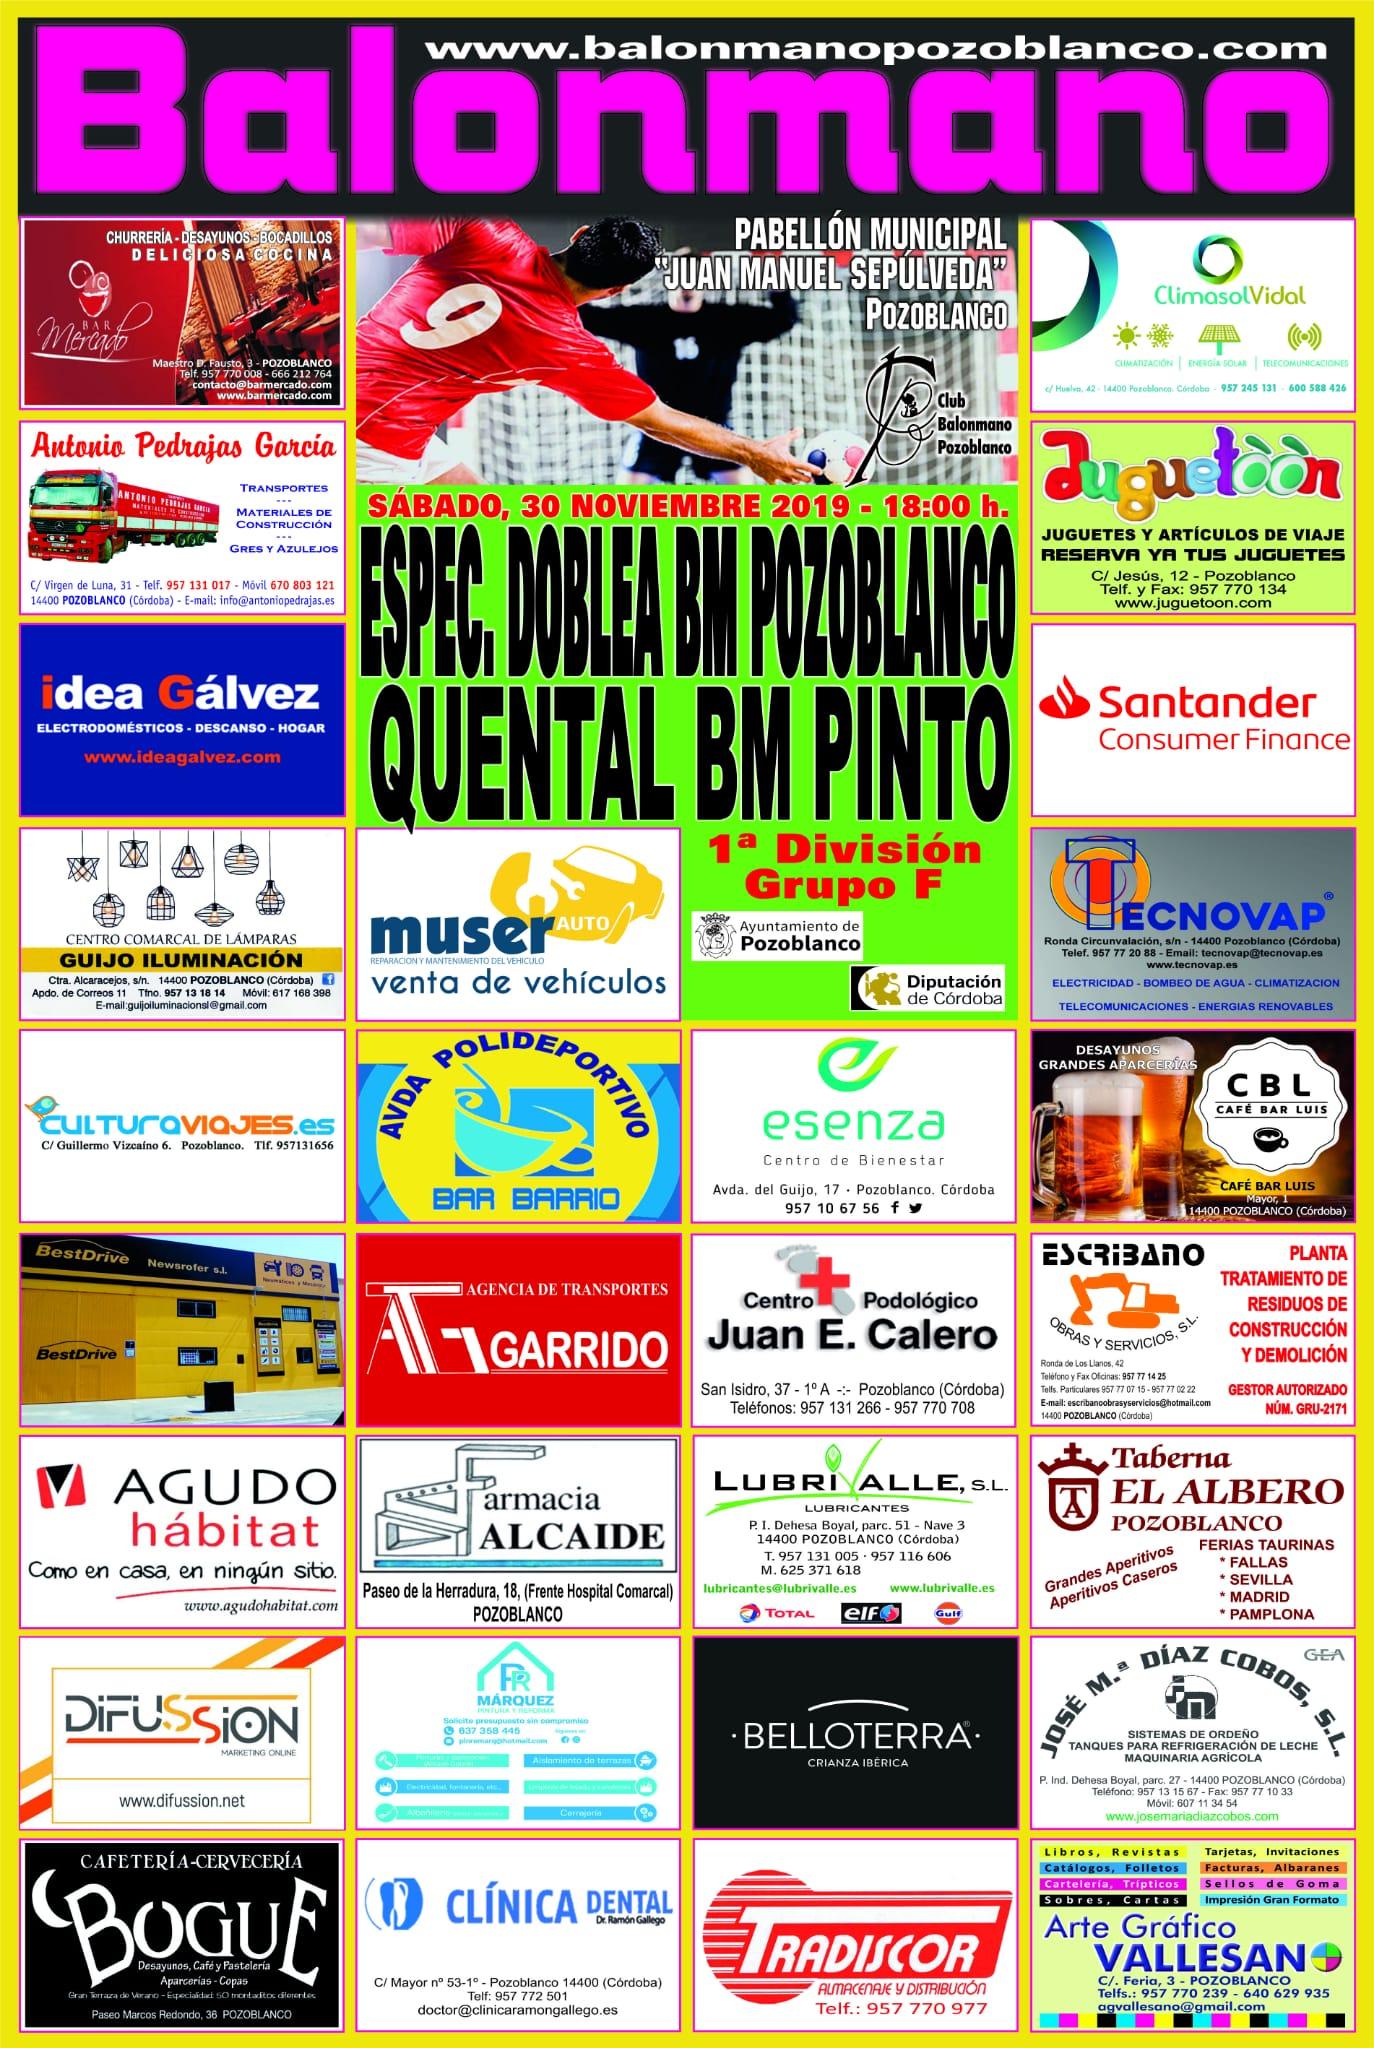 """""""Espectáculos Doble A"""" BM. Pozoblanco vs. Quental BM. Pinto"""